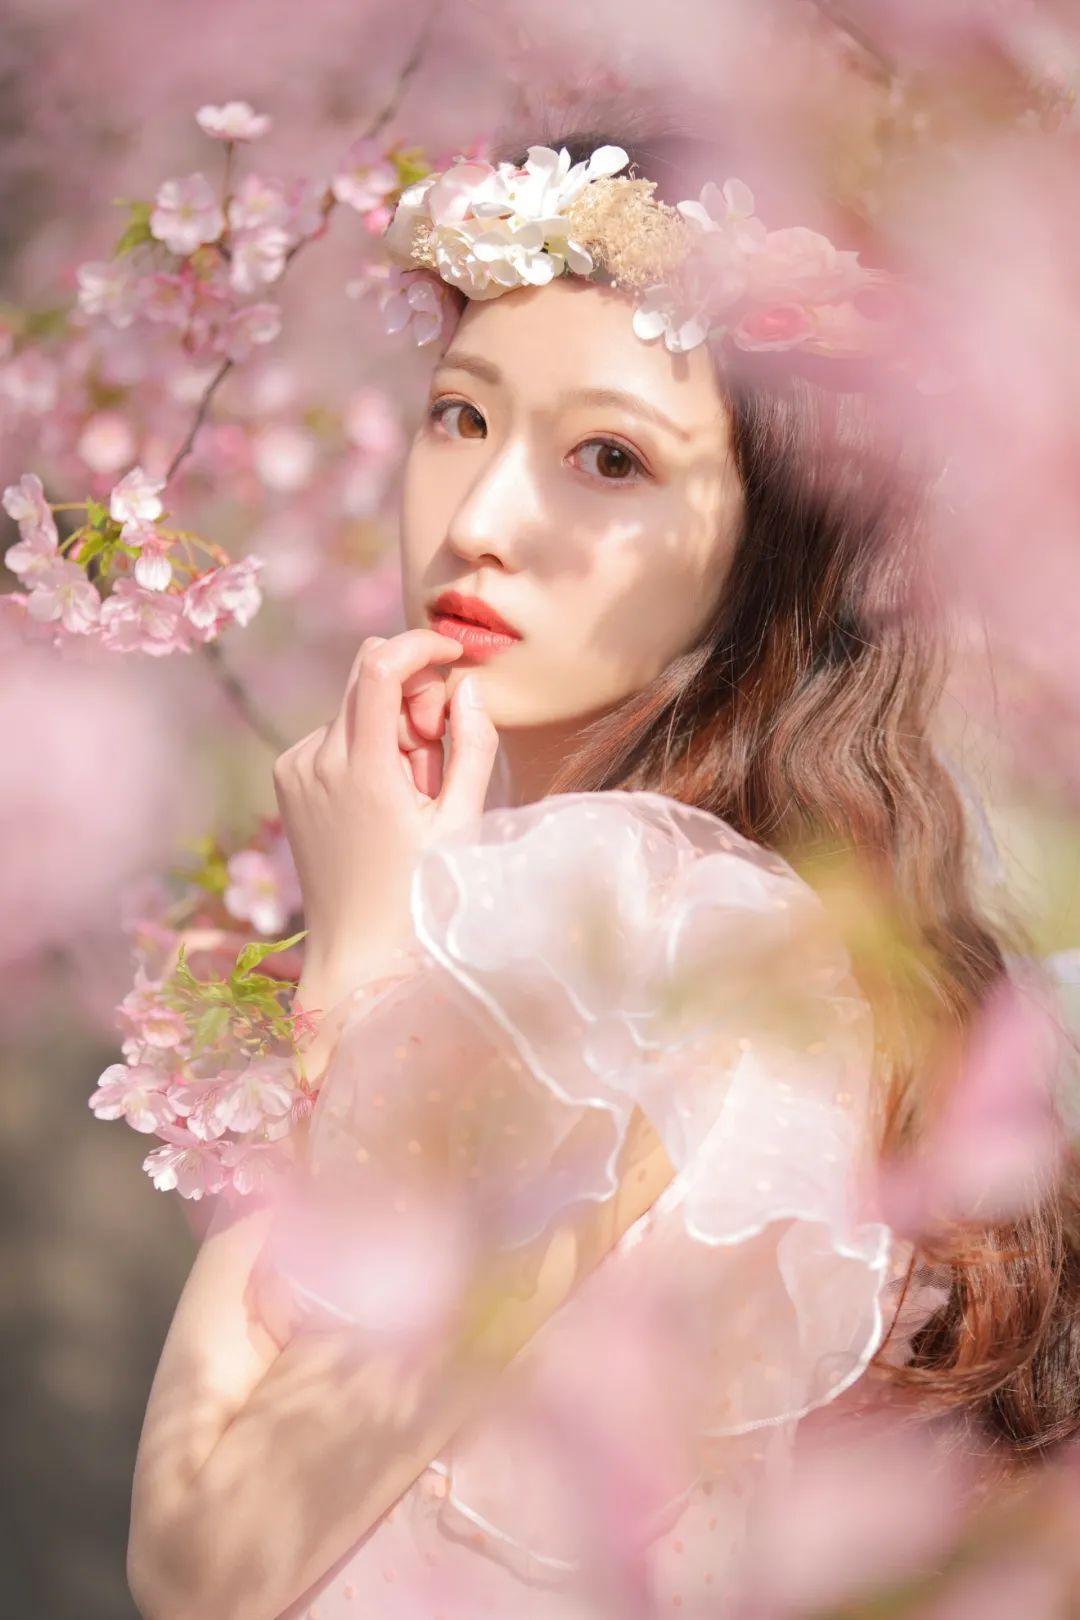 妹子摄影 – 粉粉的日系少女樱花树下写真_图片 No.38